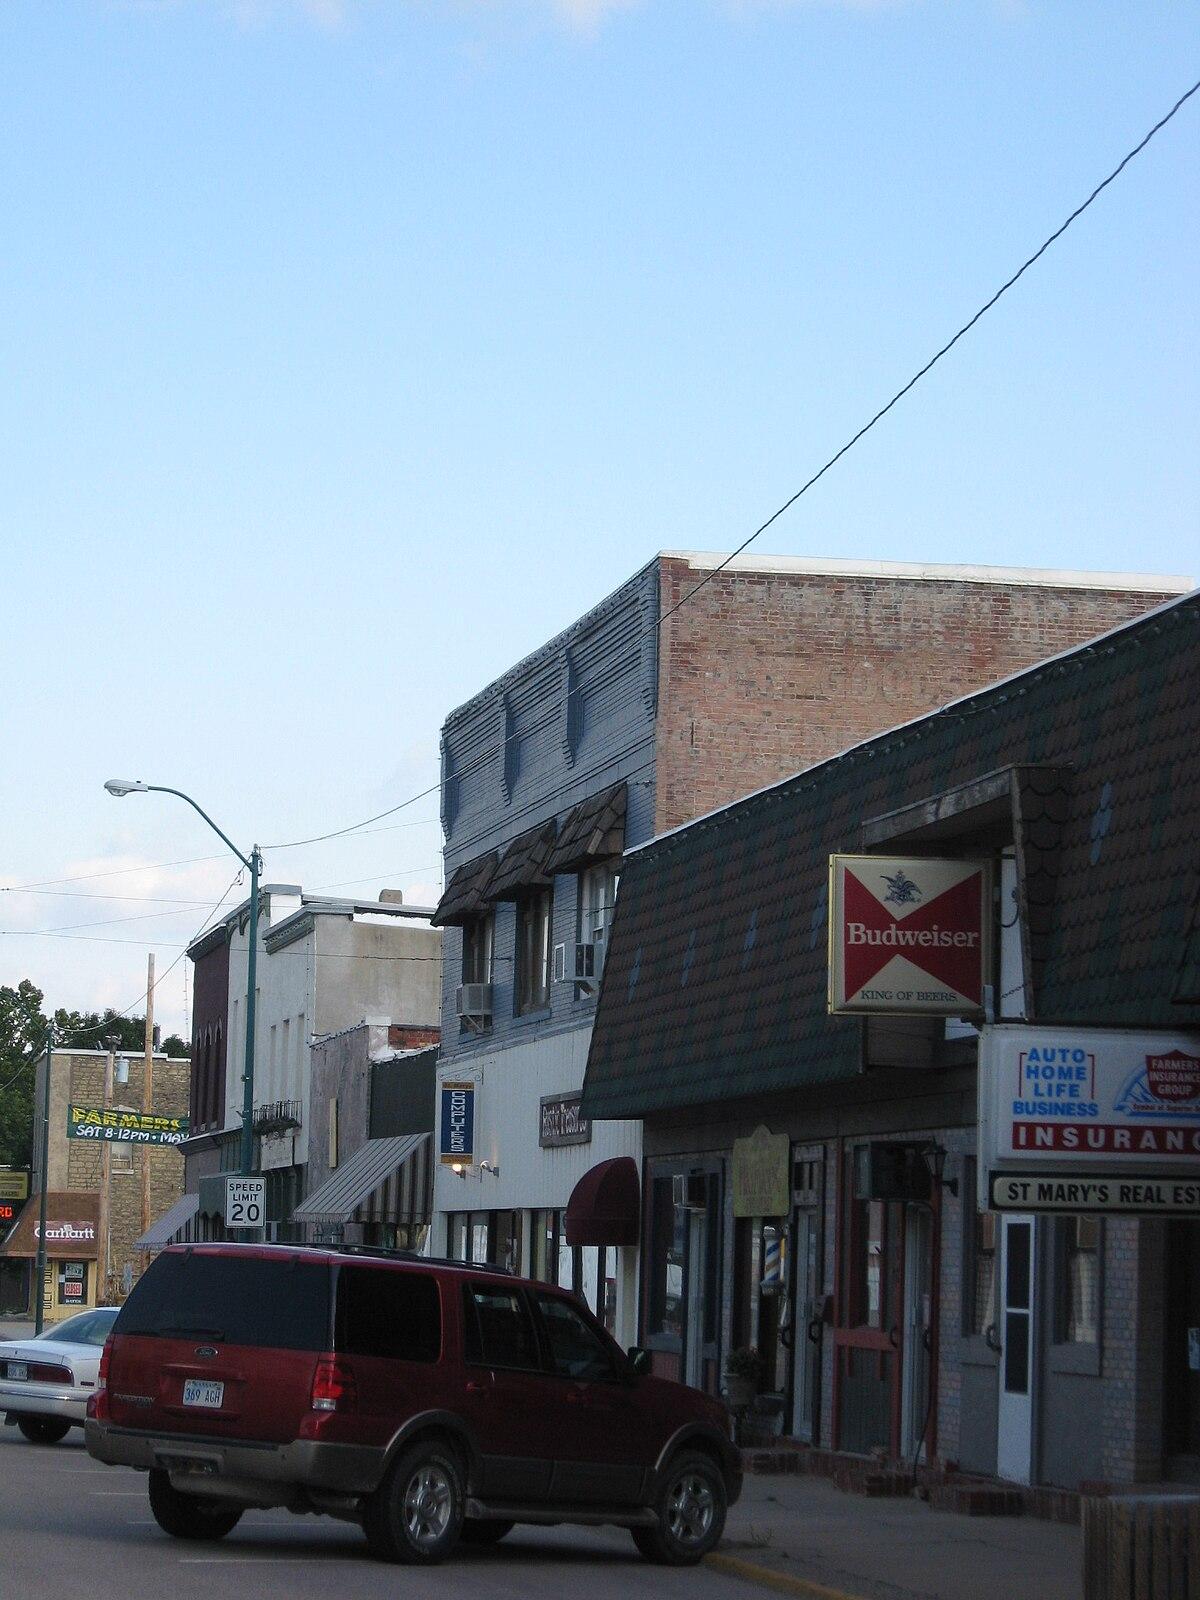 Kansas pottawatomie county fostoria - Kansas Pottawatomie County Fostoria 35